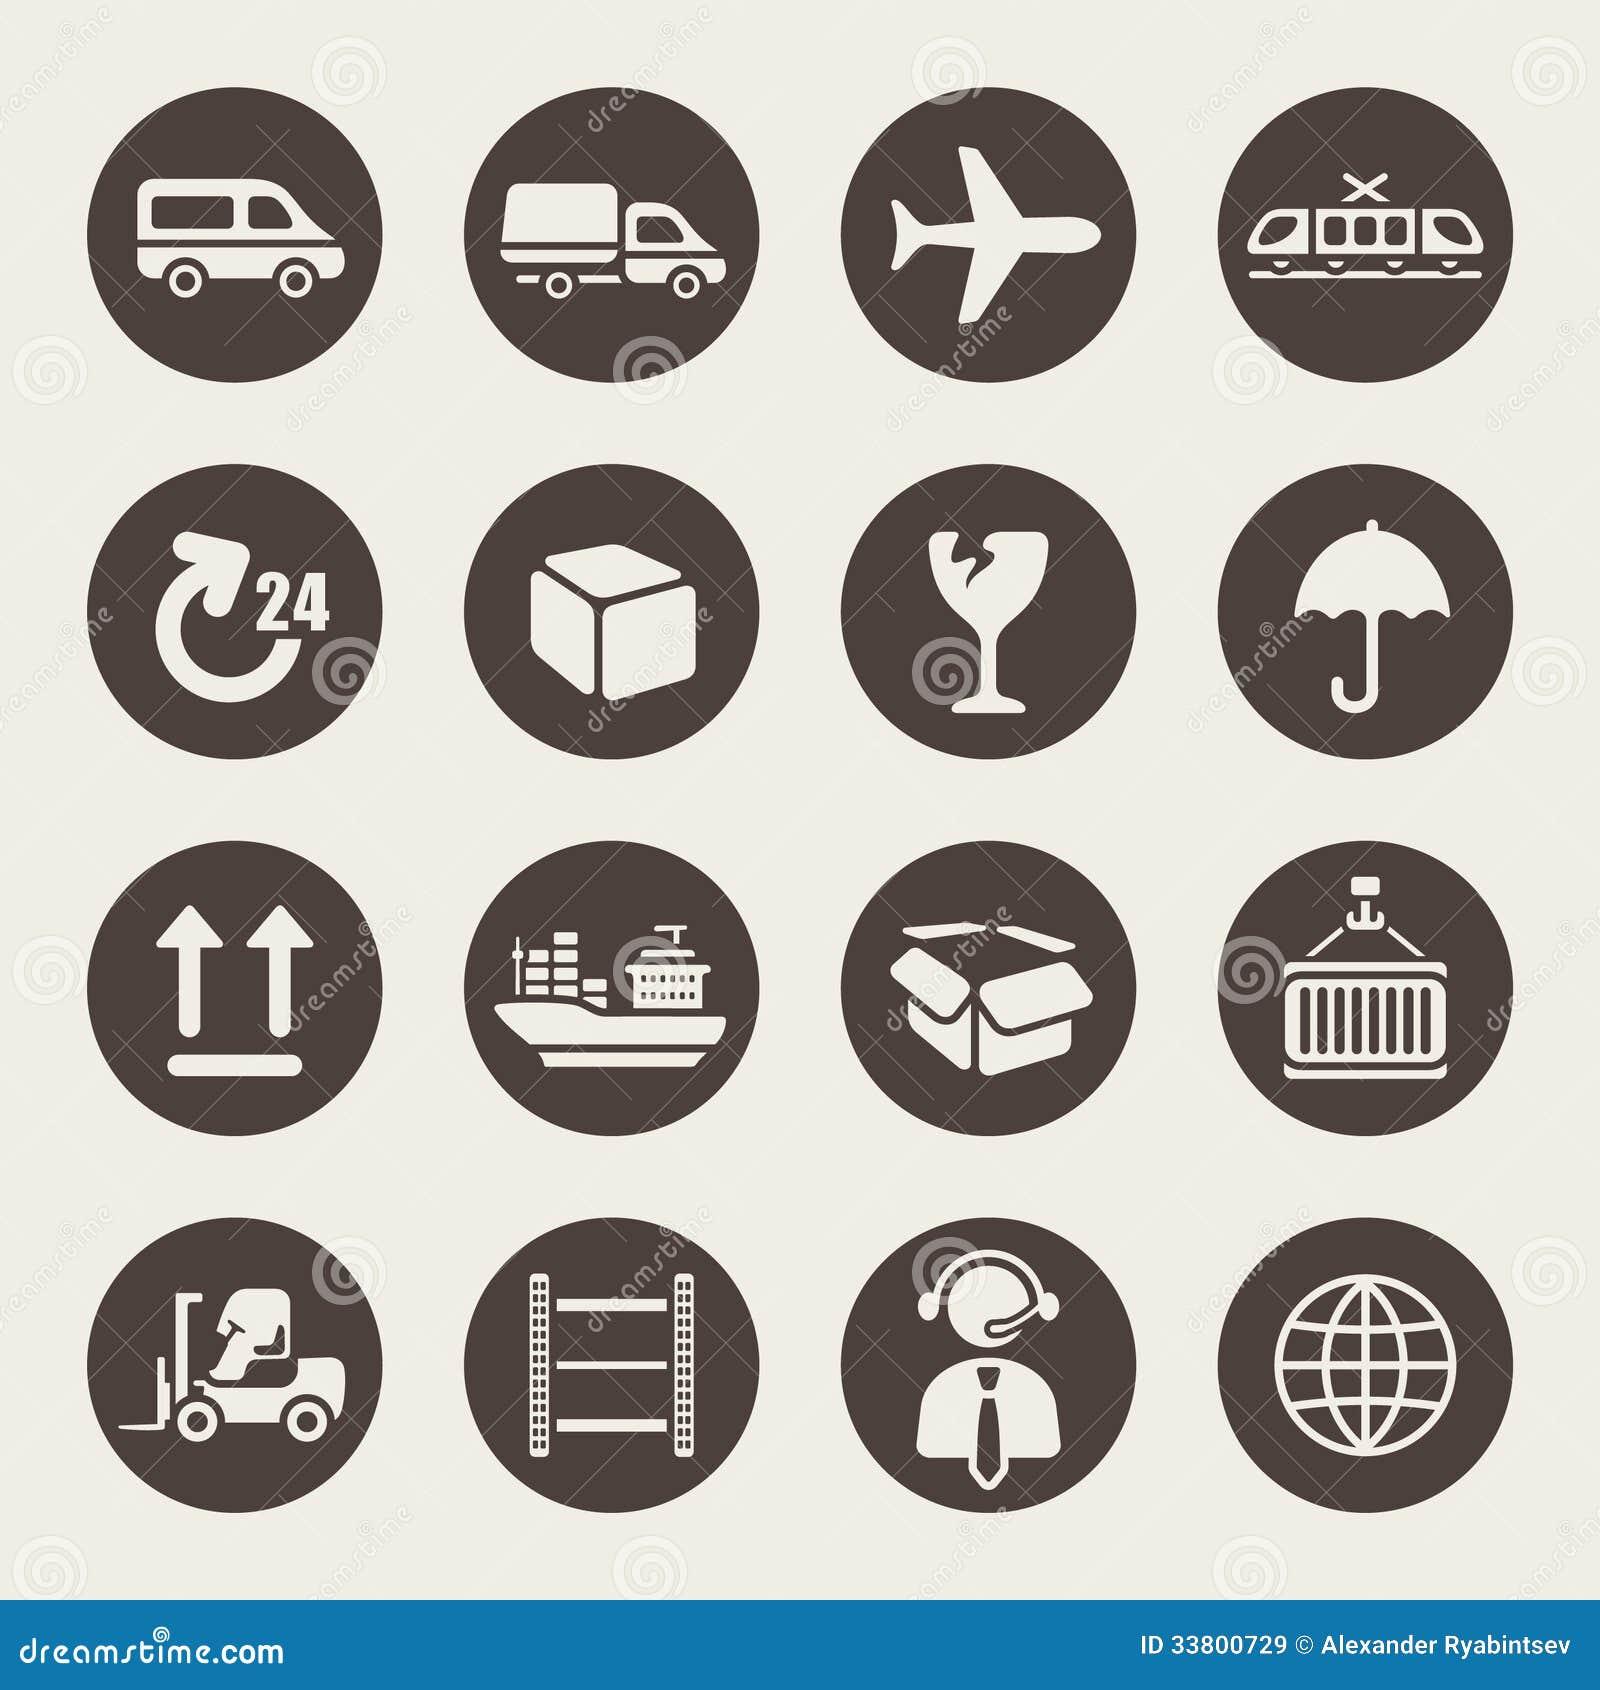 Logistisk symbolsuppsättning